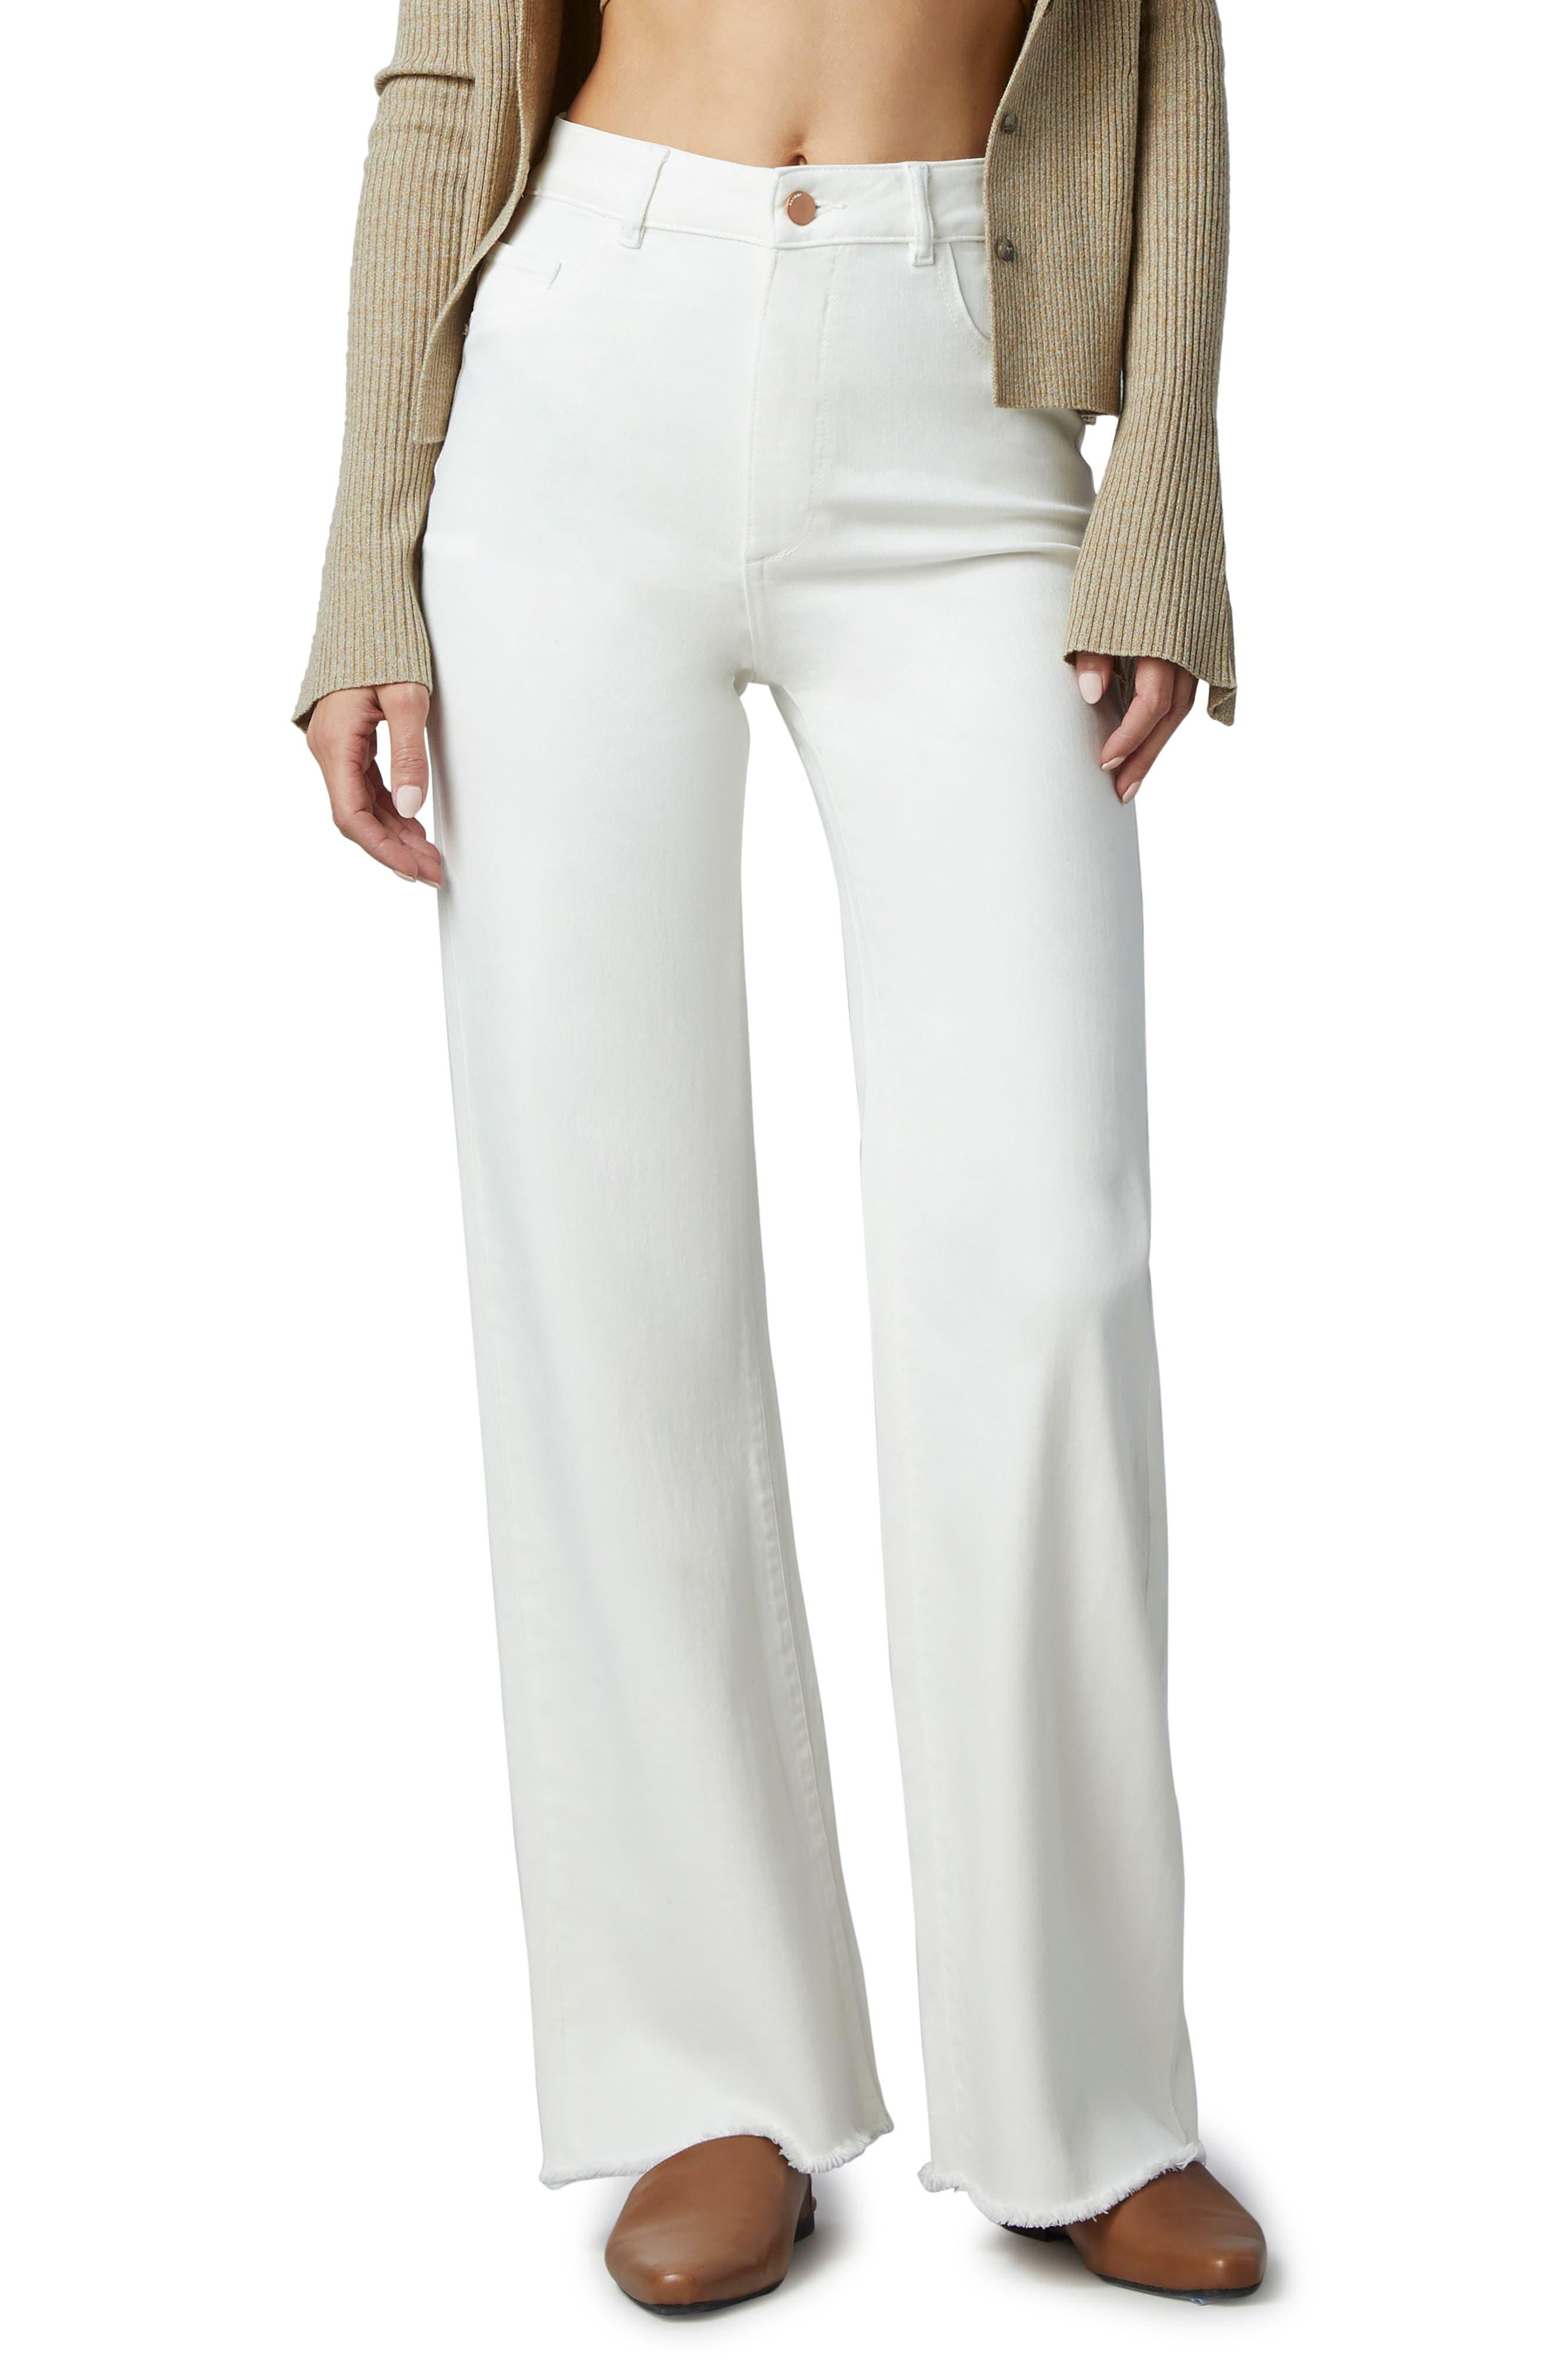 1961 Hepburn High Waist Wide Leg Jeans